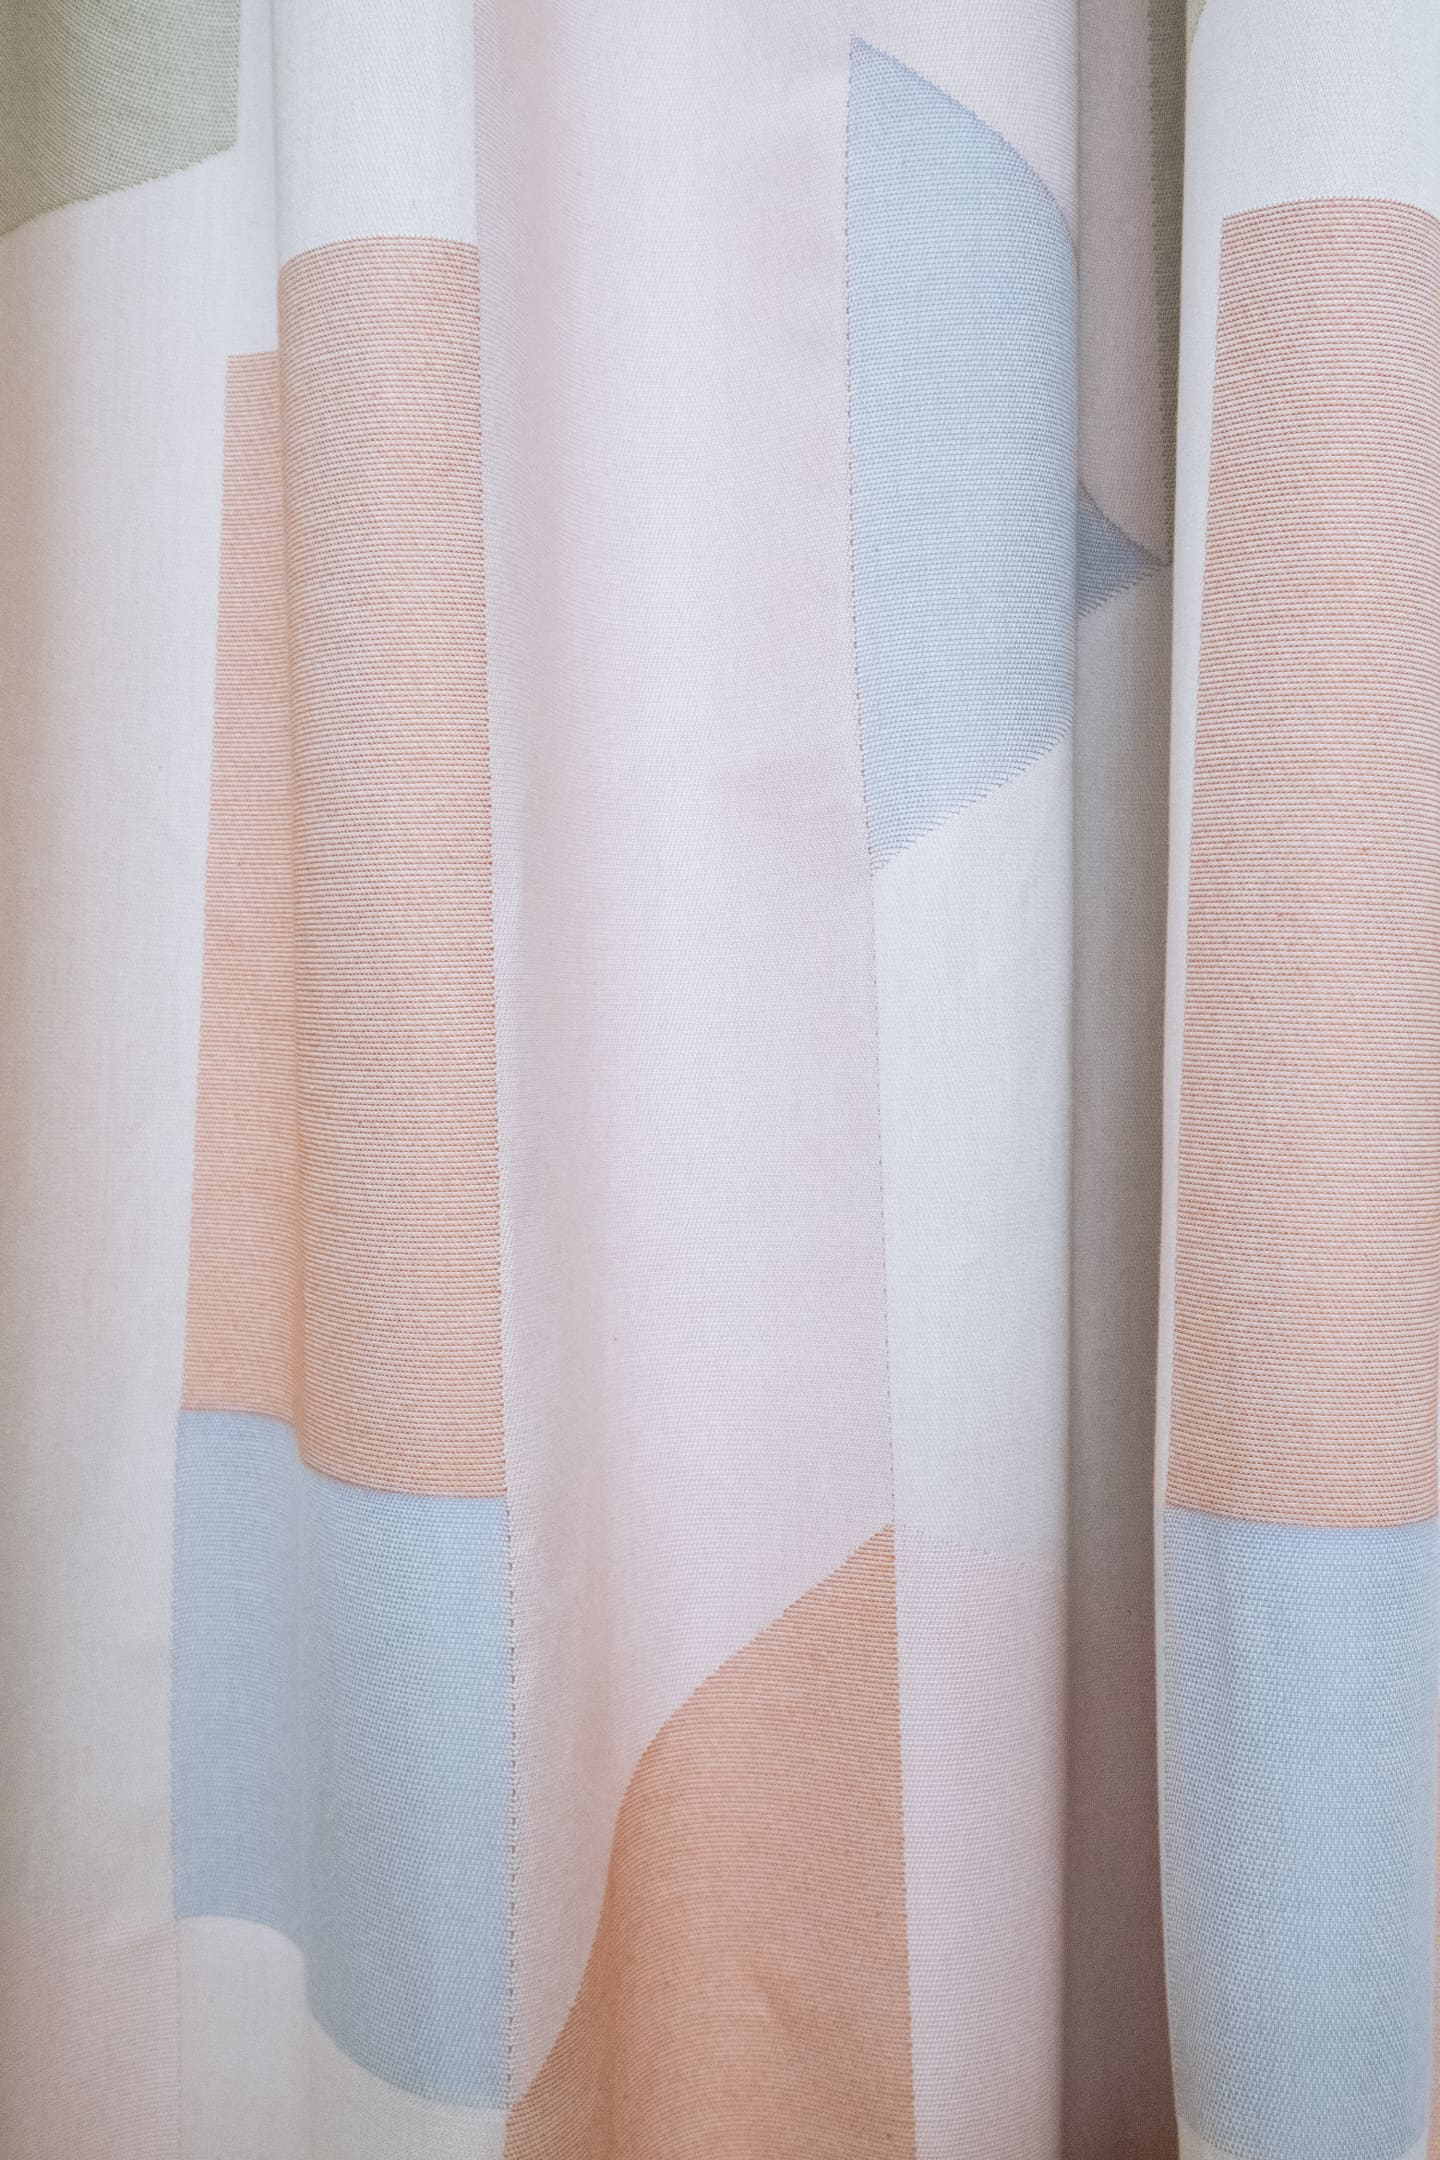 Espacio Organic Cotton Fabric being woven